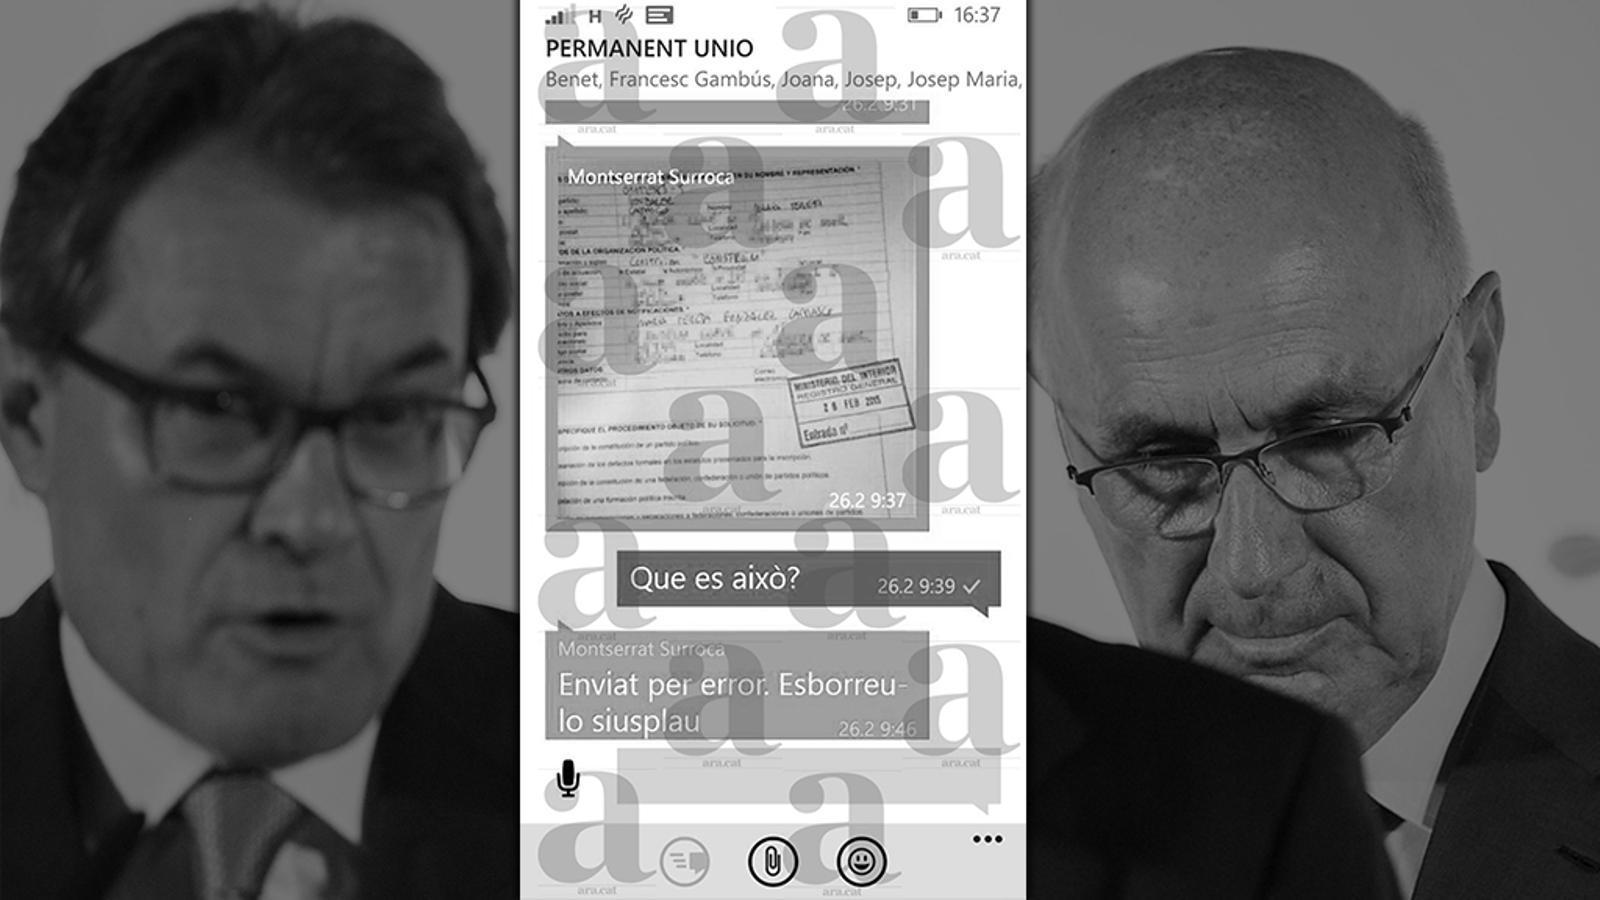 L'editorial d'Antoni Bassas: 'Whatsapps' delators i altres causes de divorci (17/06/2015)